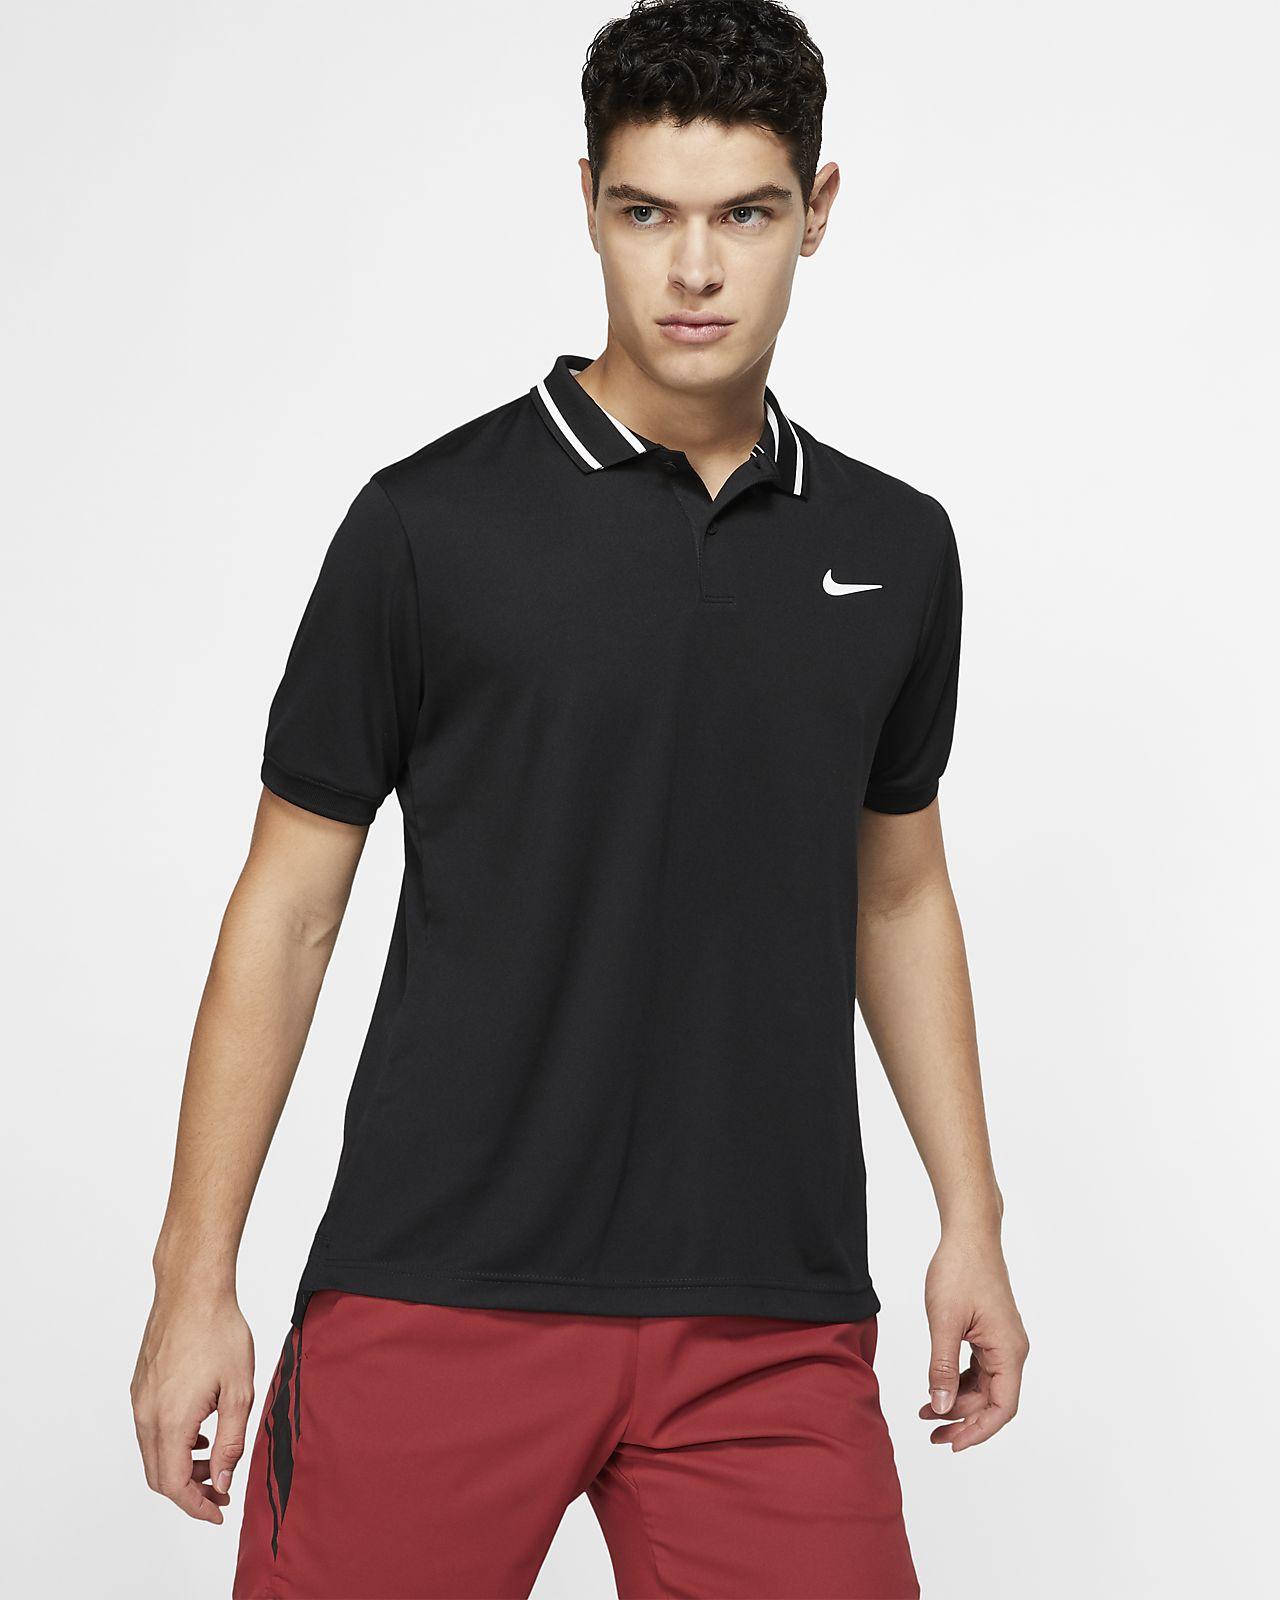 polo tennis homme nike